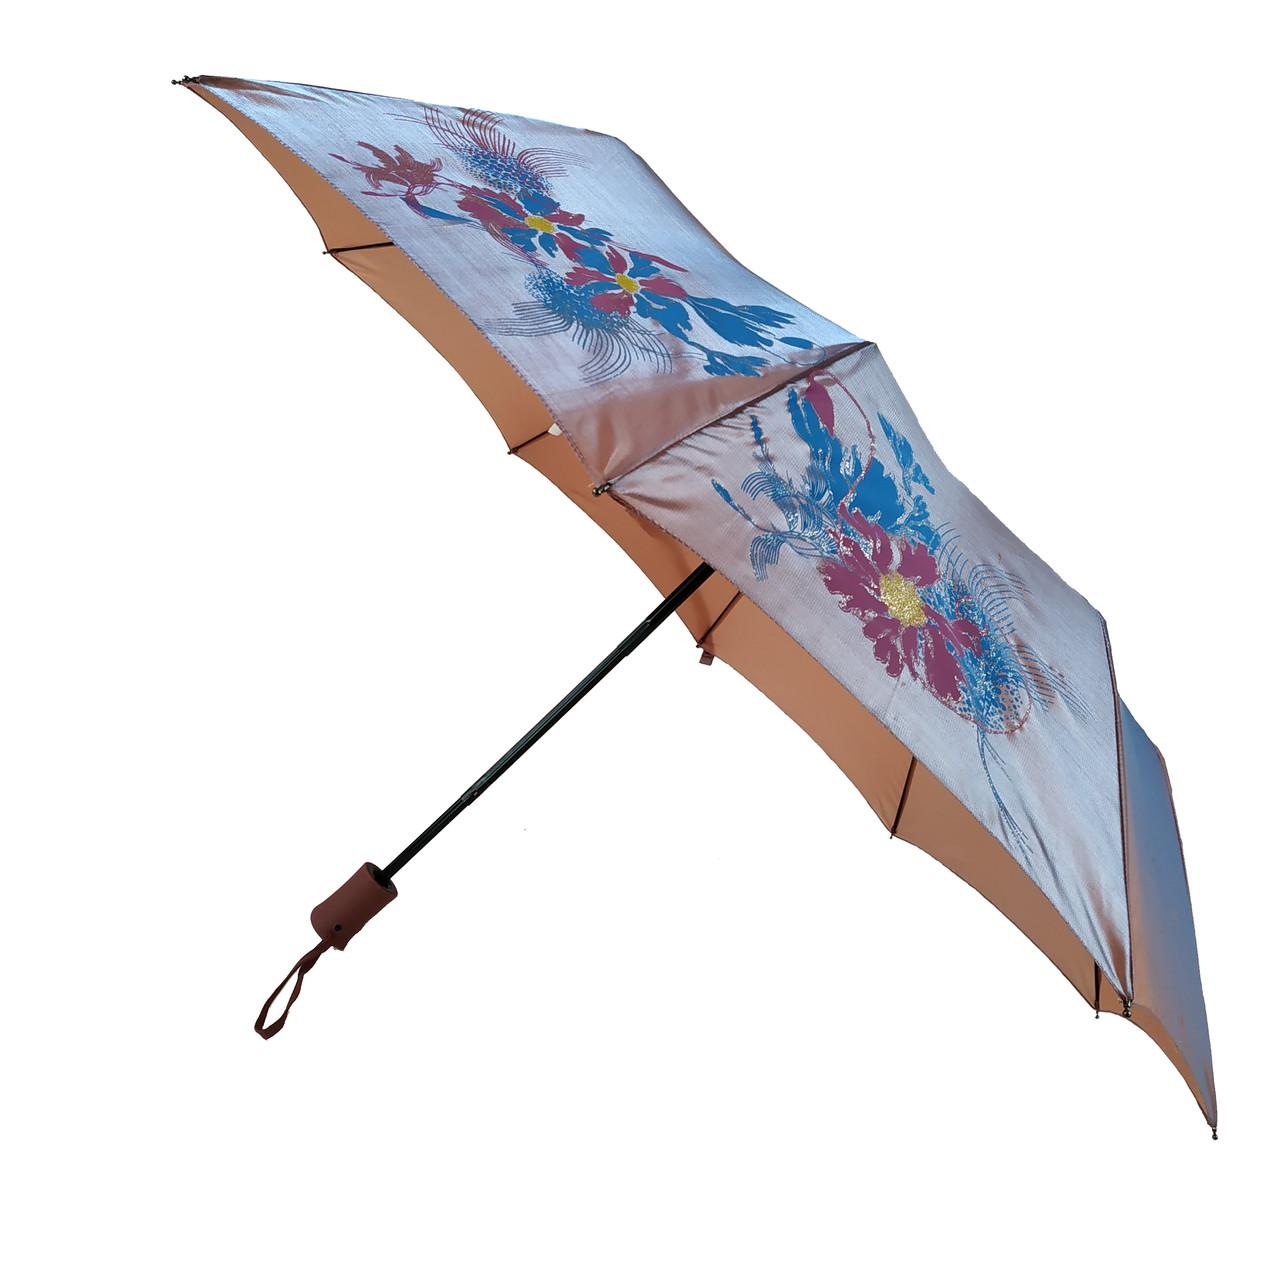 Женский зонт полуавтомат Bellissimo на 10 спиц с цветочным узором, бежевый,  2018-3